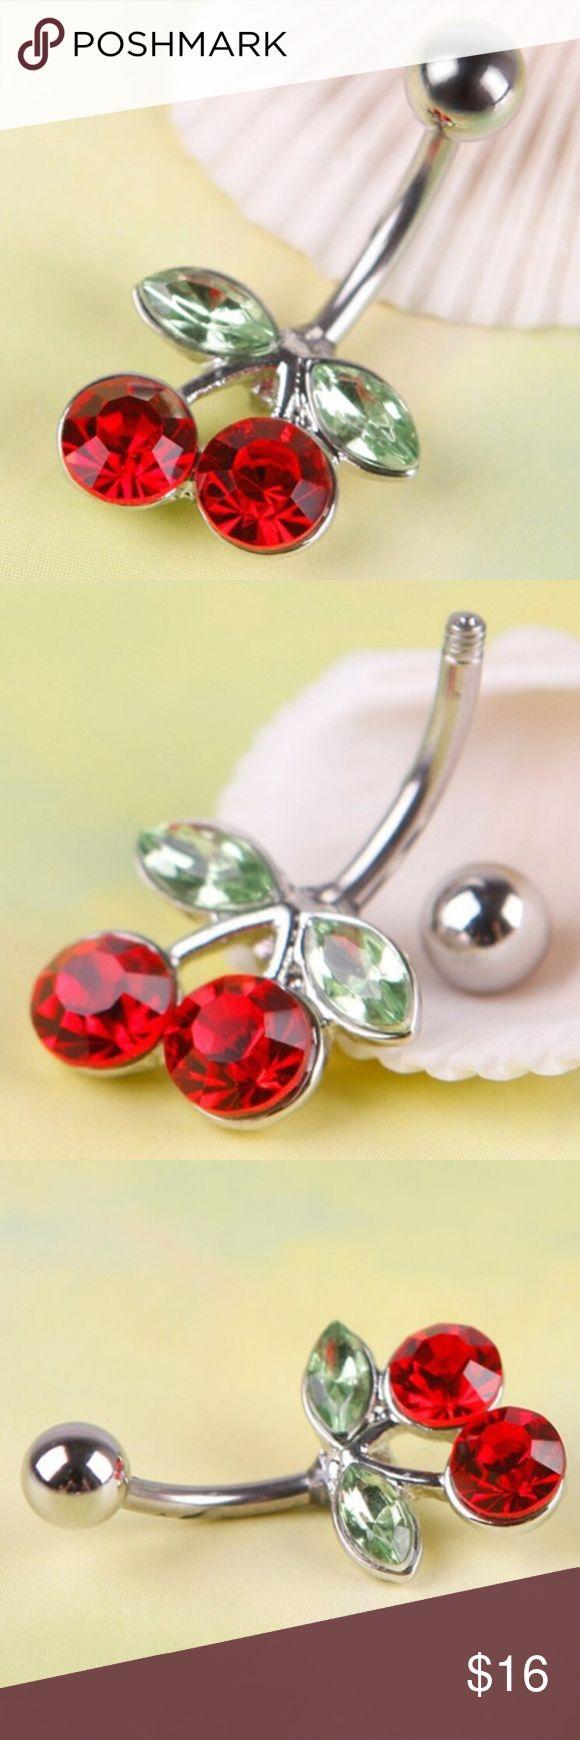 Rote Kirschen Bauchnabelpiercing / Nabel Barbell NETT! Dieser Piercing-Ring …   – My Posh Closet